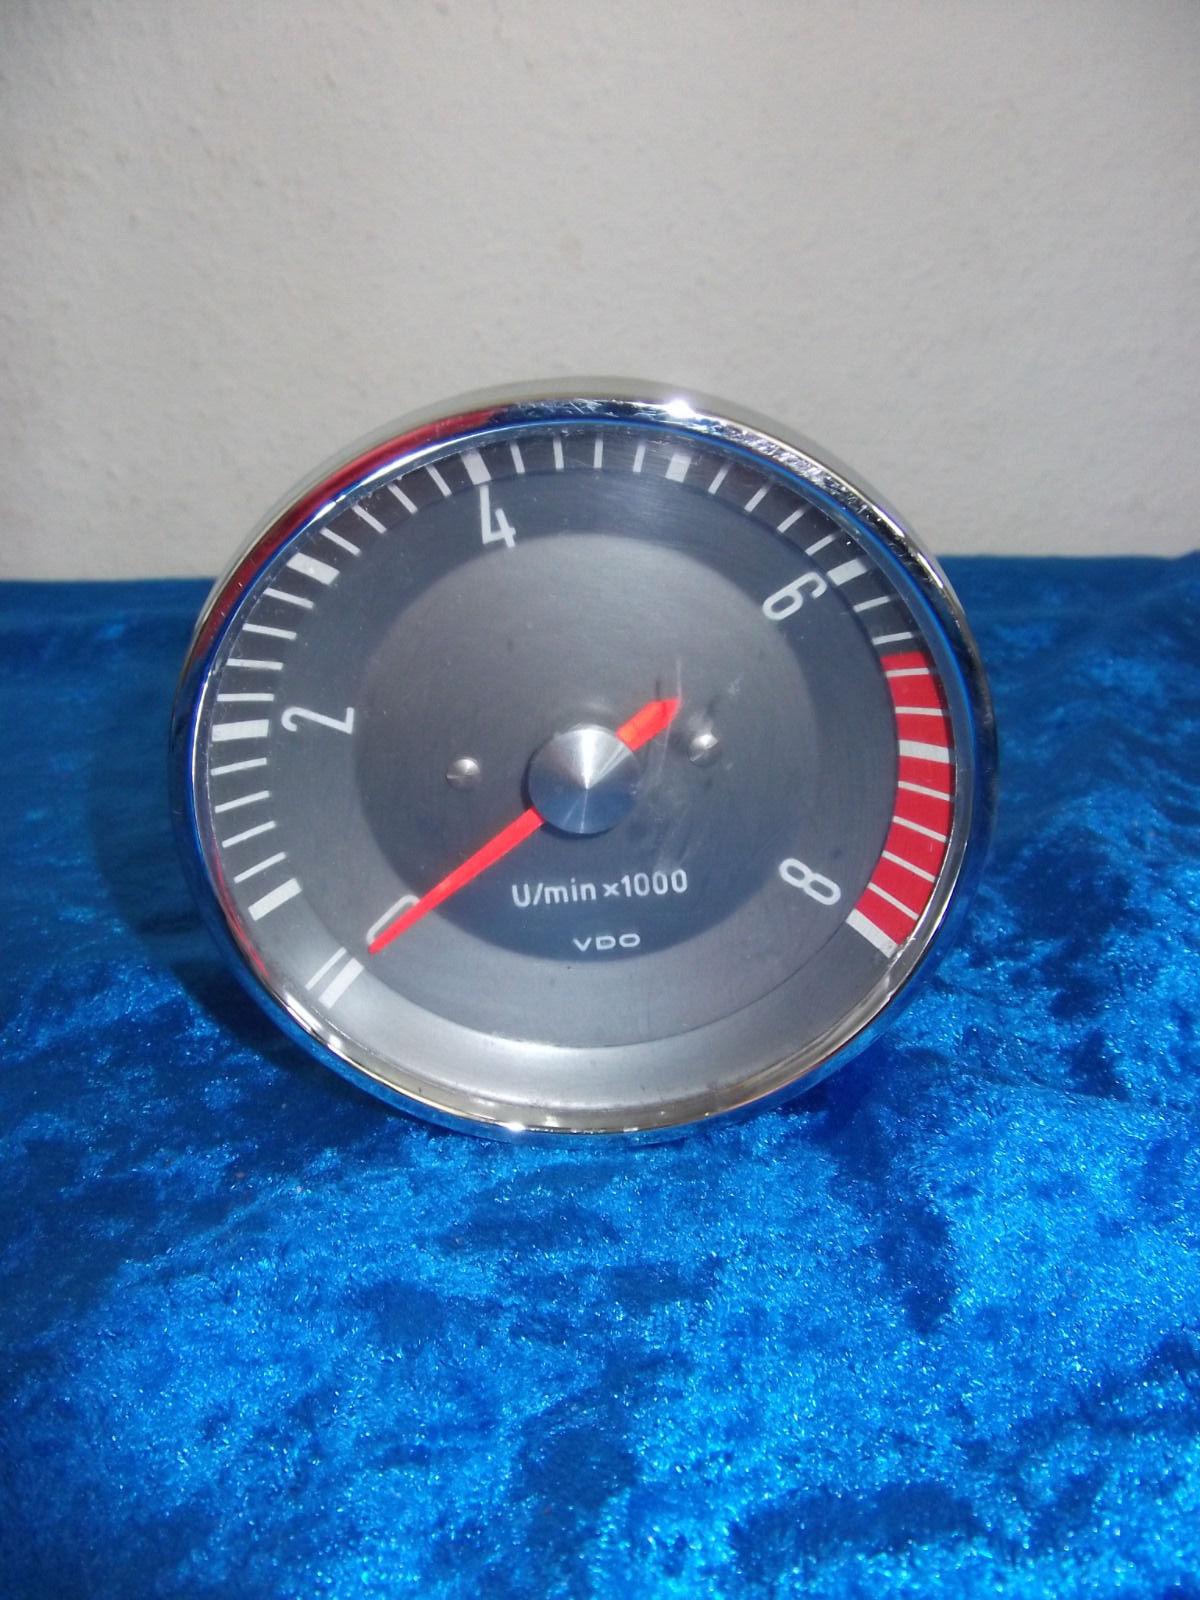 700 Sport Tachometer Bmw 700 General Discussion Bmw 2002 Faq